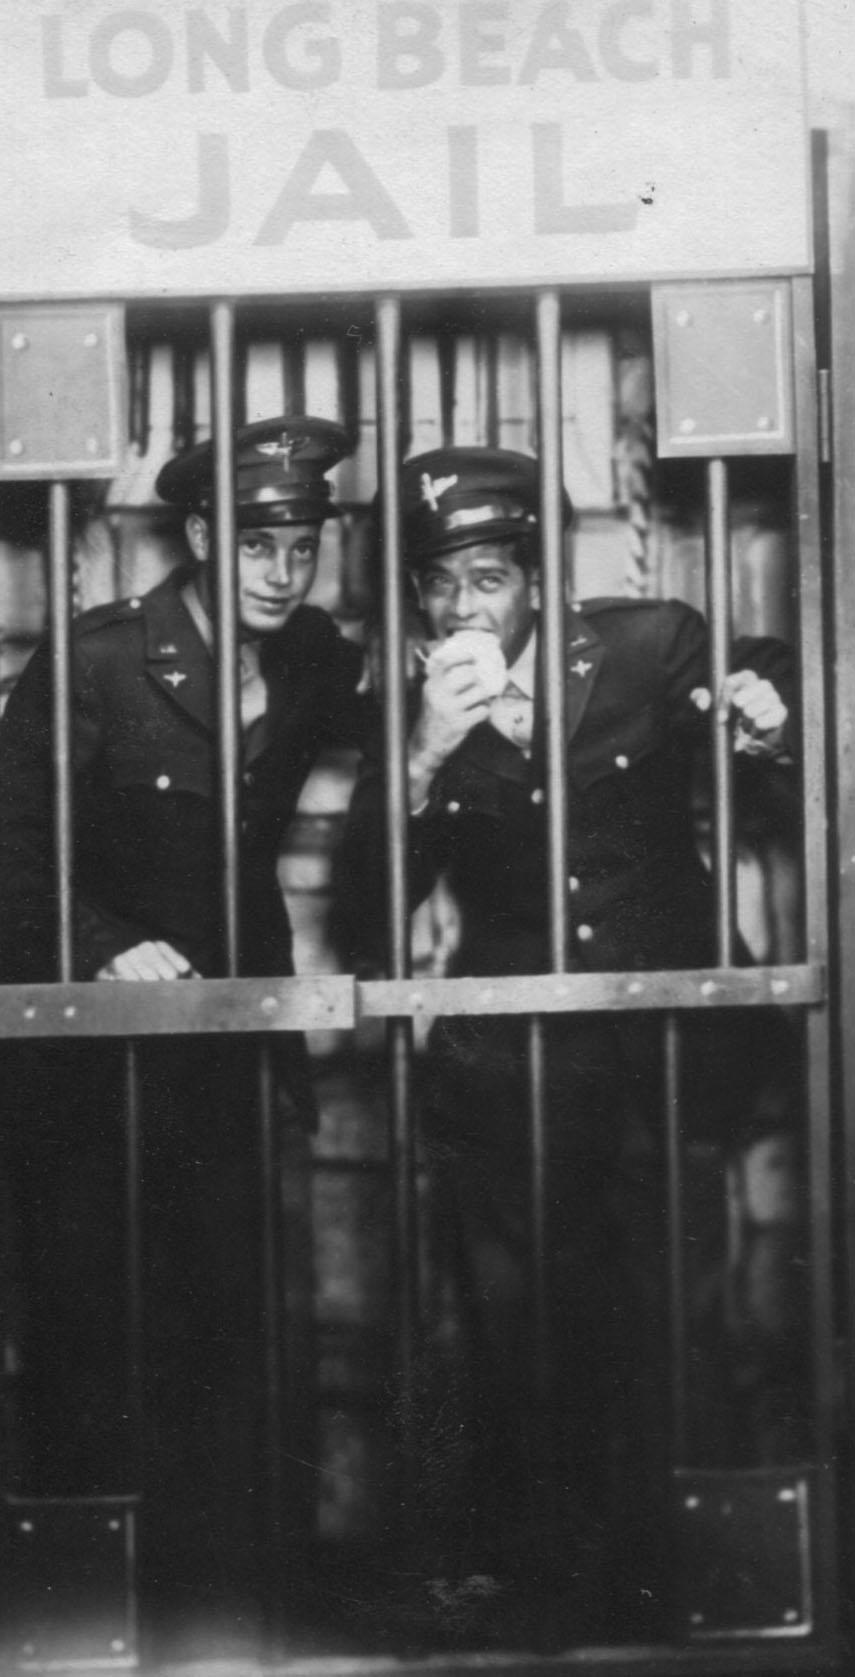 """The """"Long Beach jail"""""""